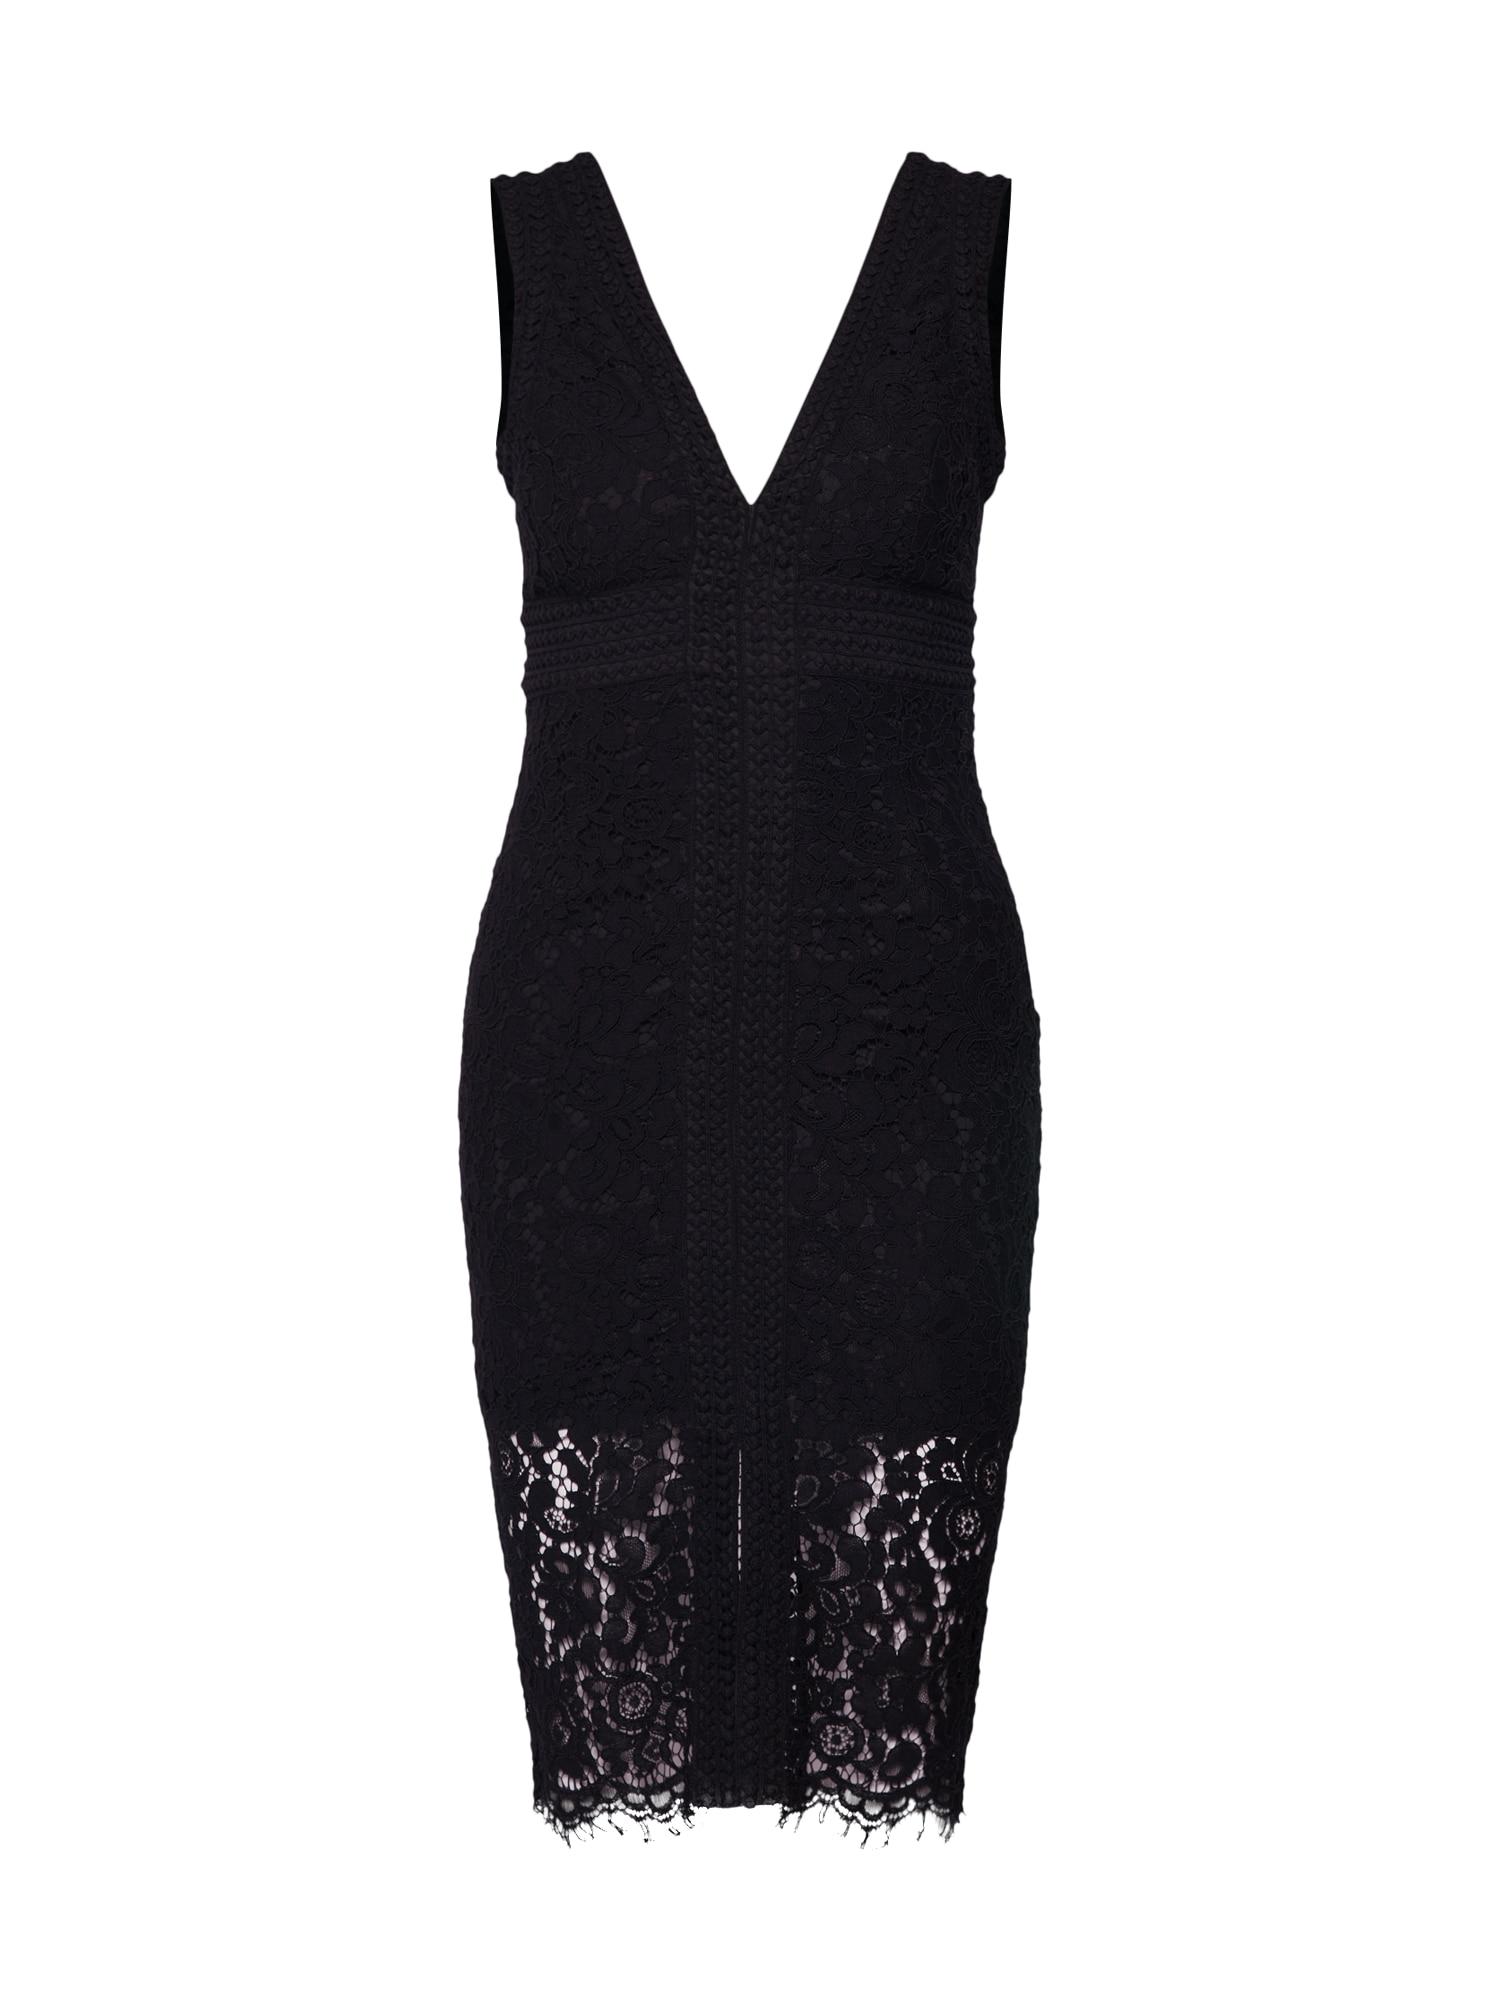 Šaty HALTER LACE DRESS černá Bardot